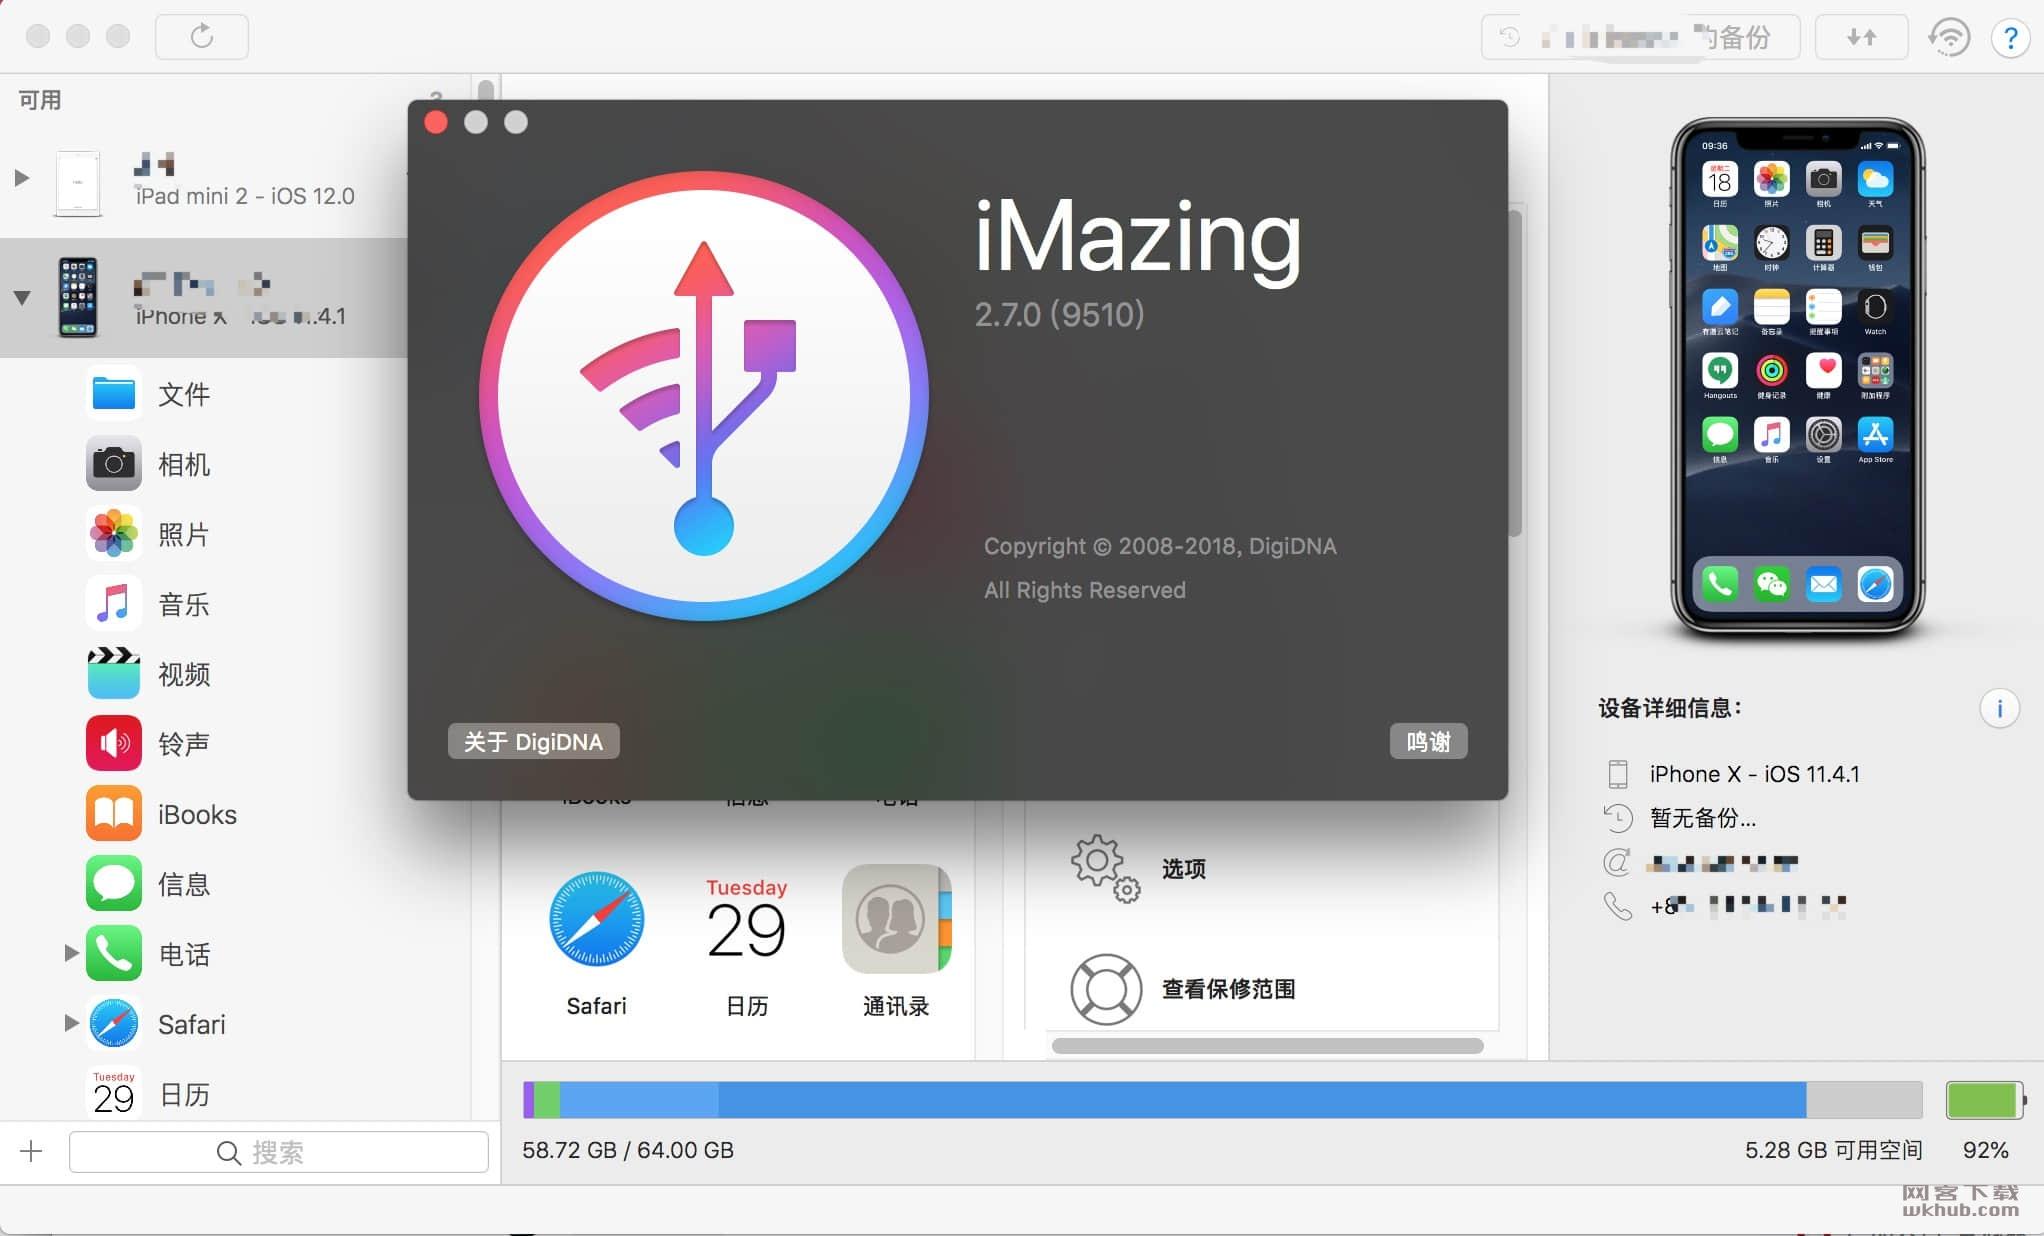 iMazing 2.9.13(10820) 在Mac上管理iPhone如此简单